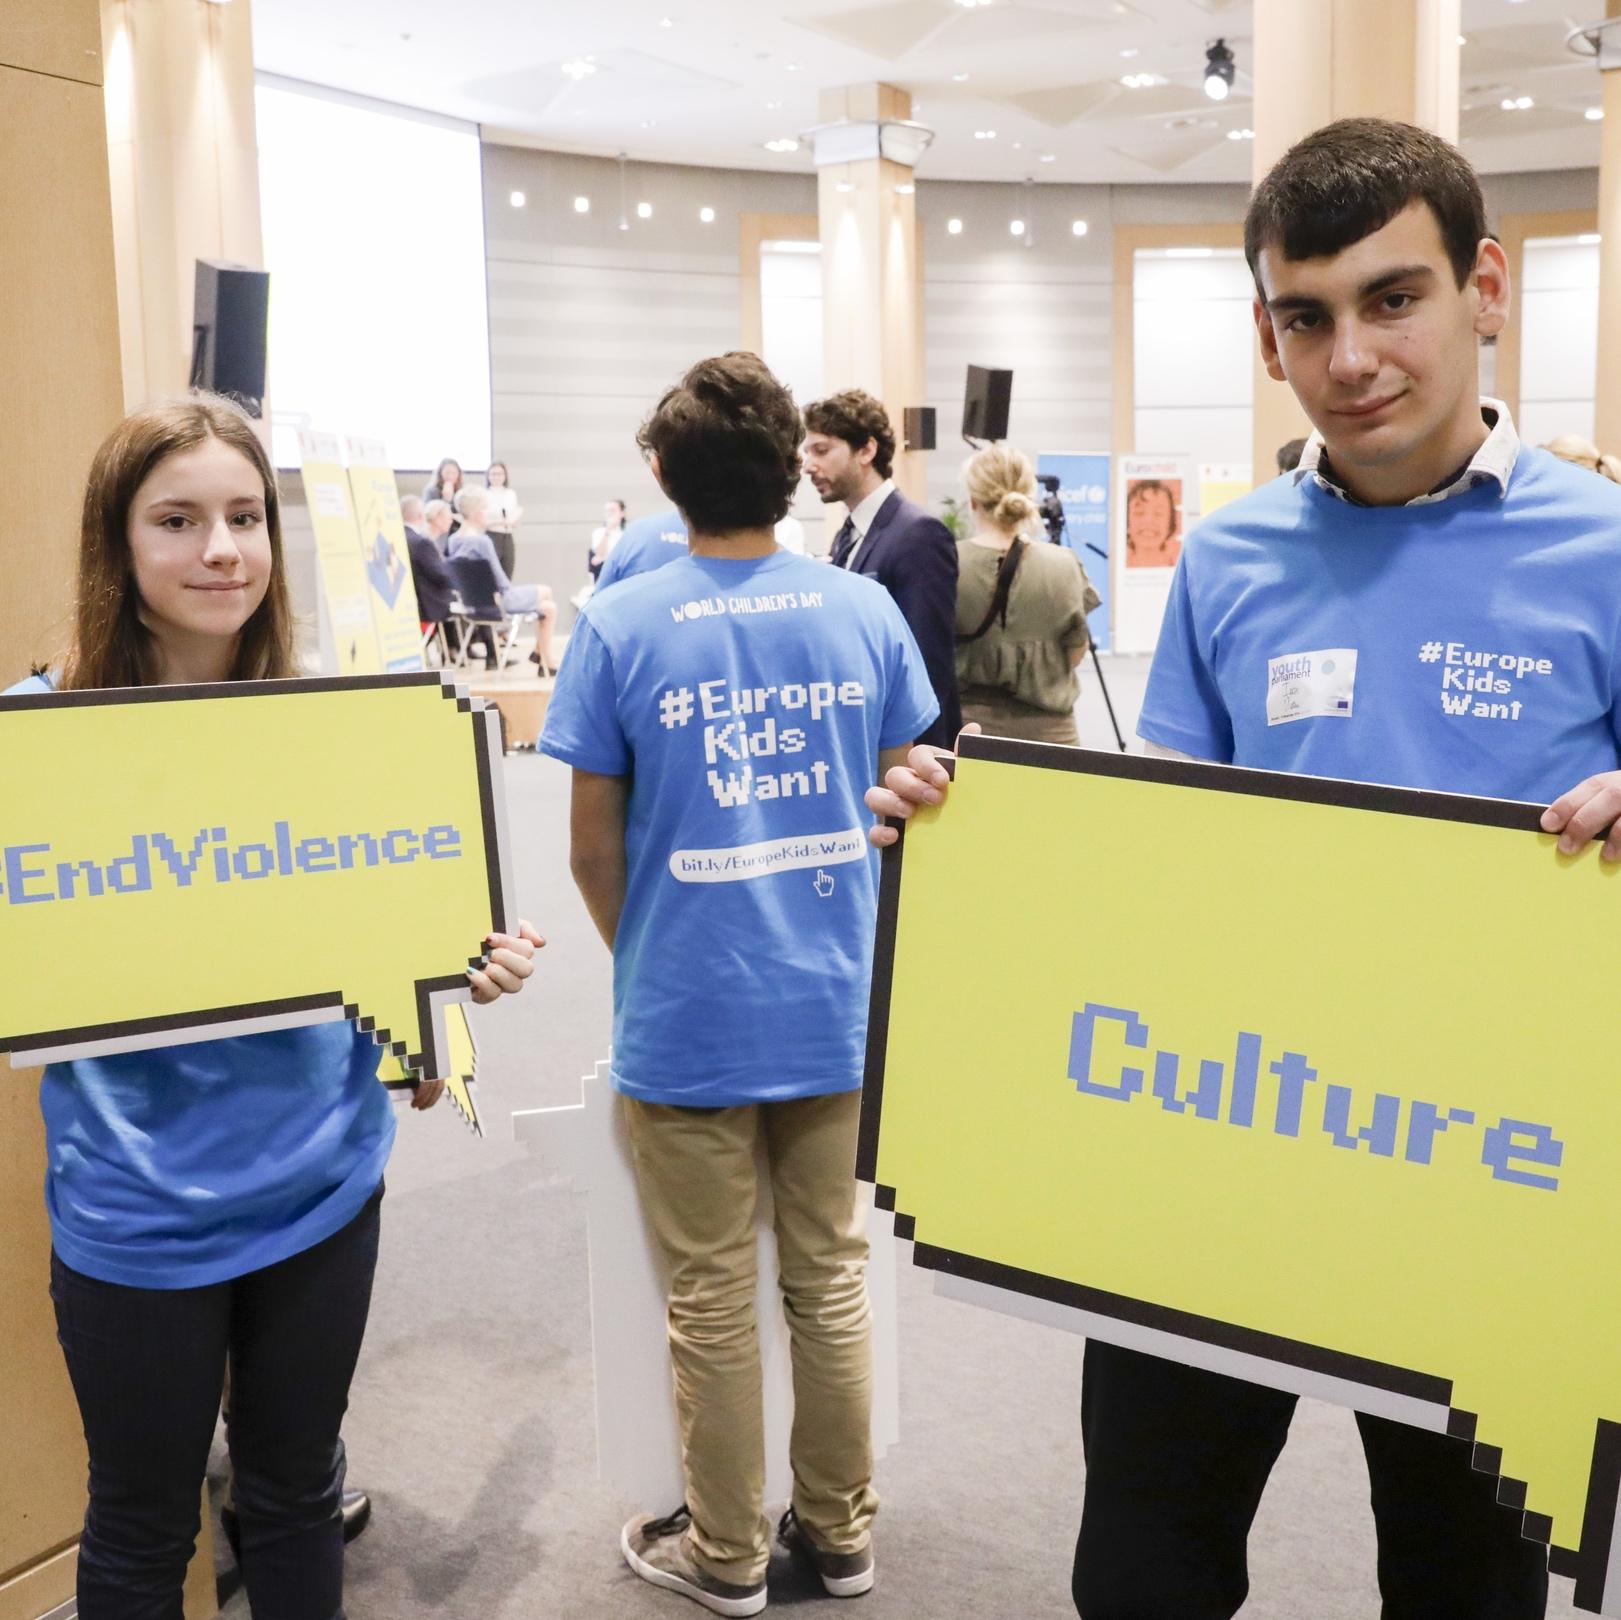 La participación infantil española apunta a Europa en el Día Universal de la Infancia